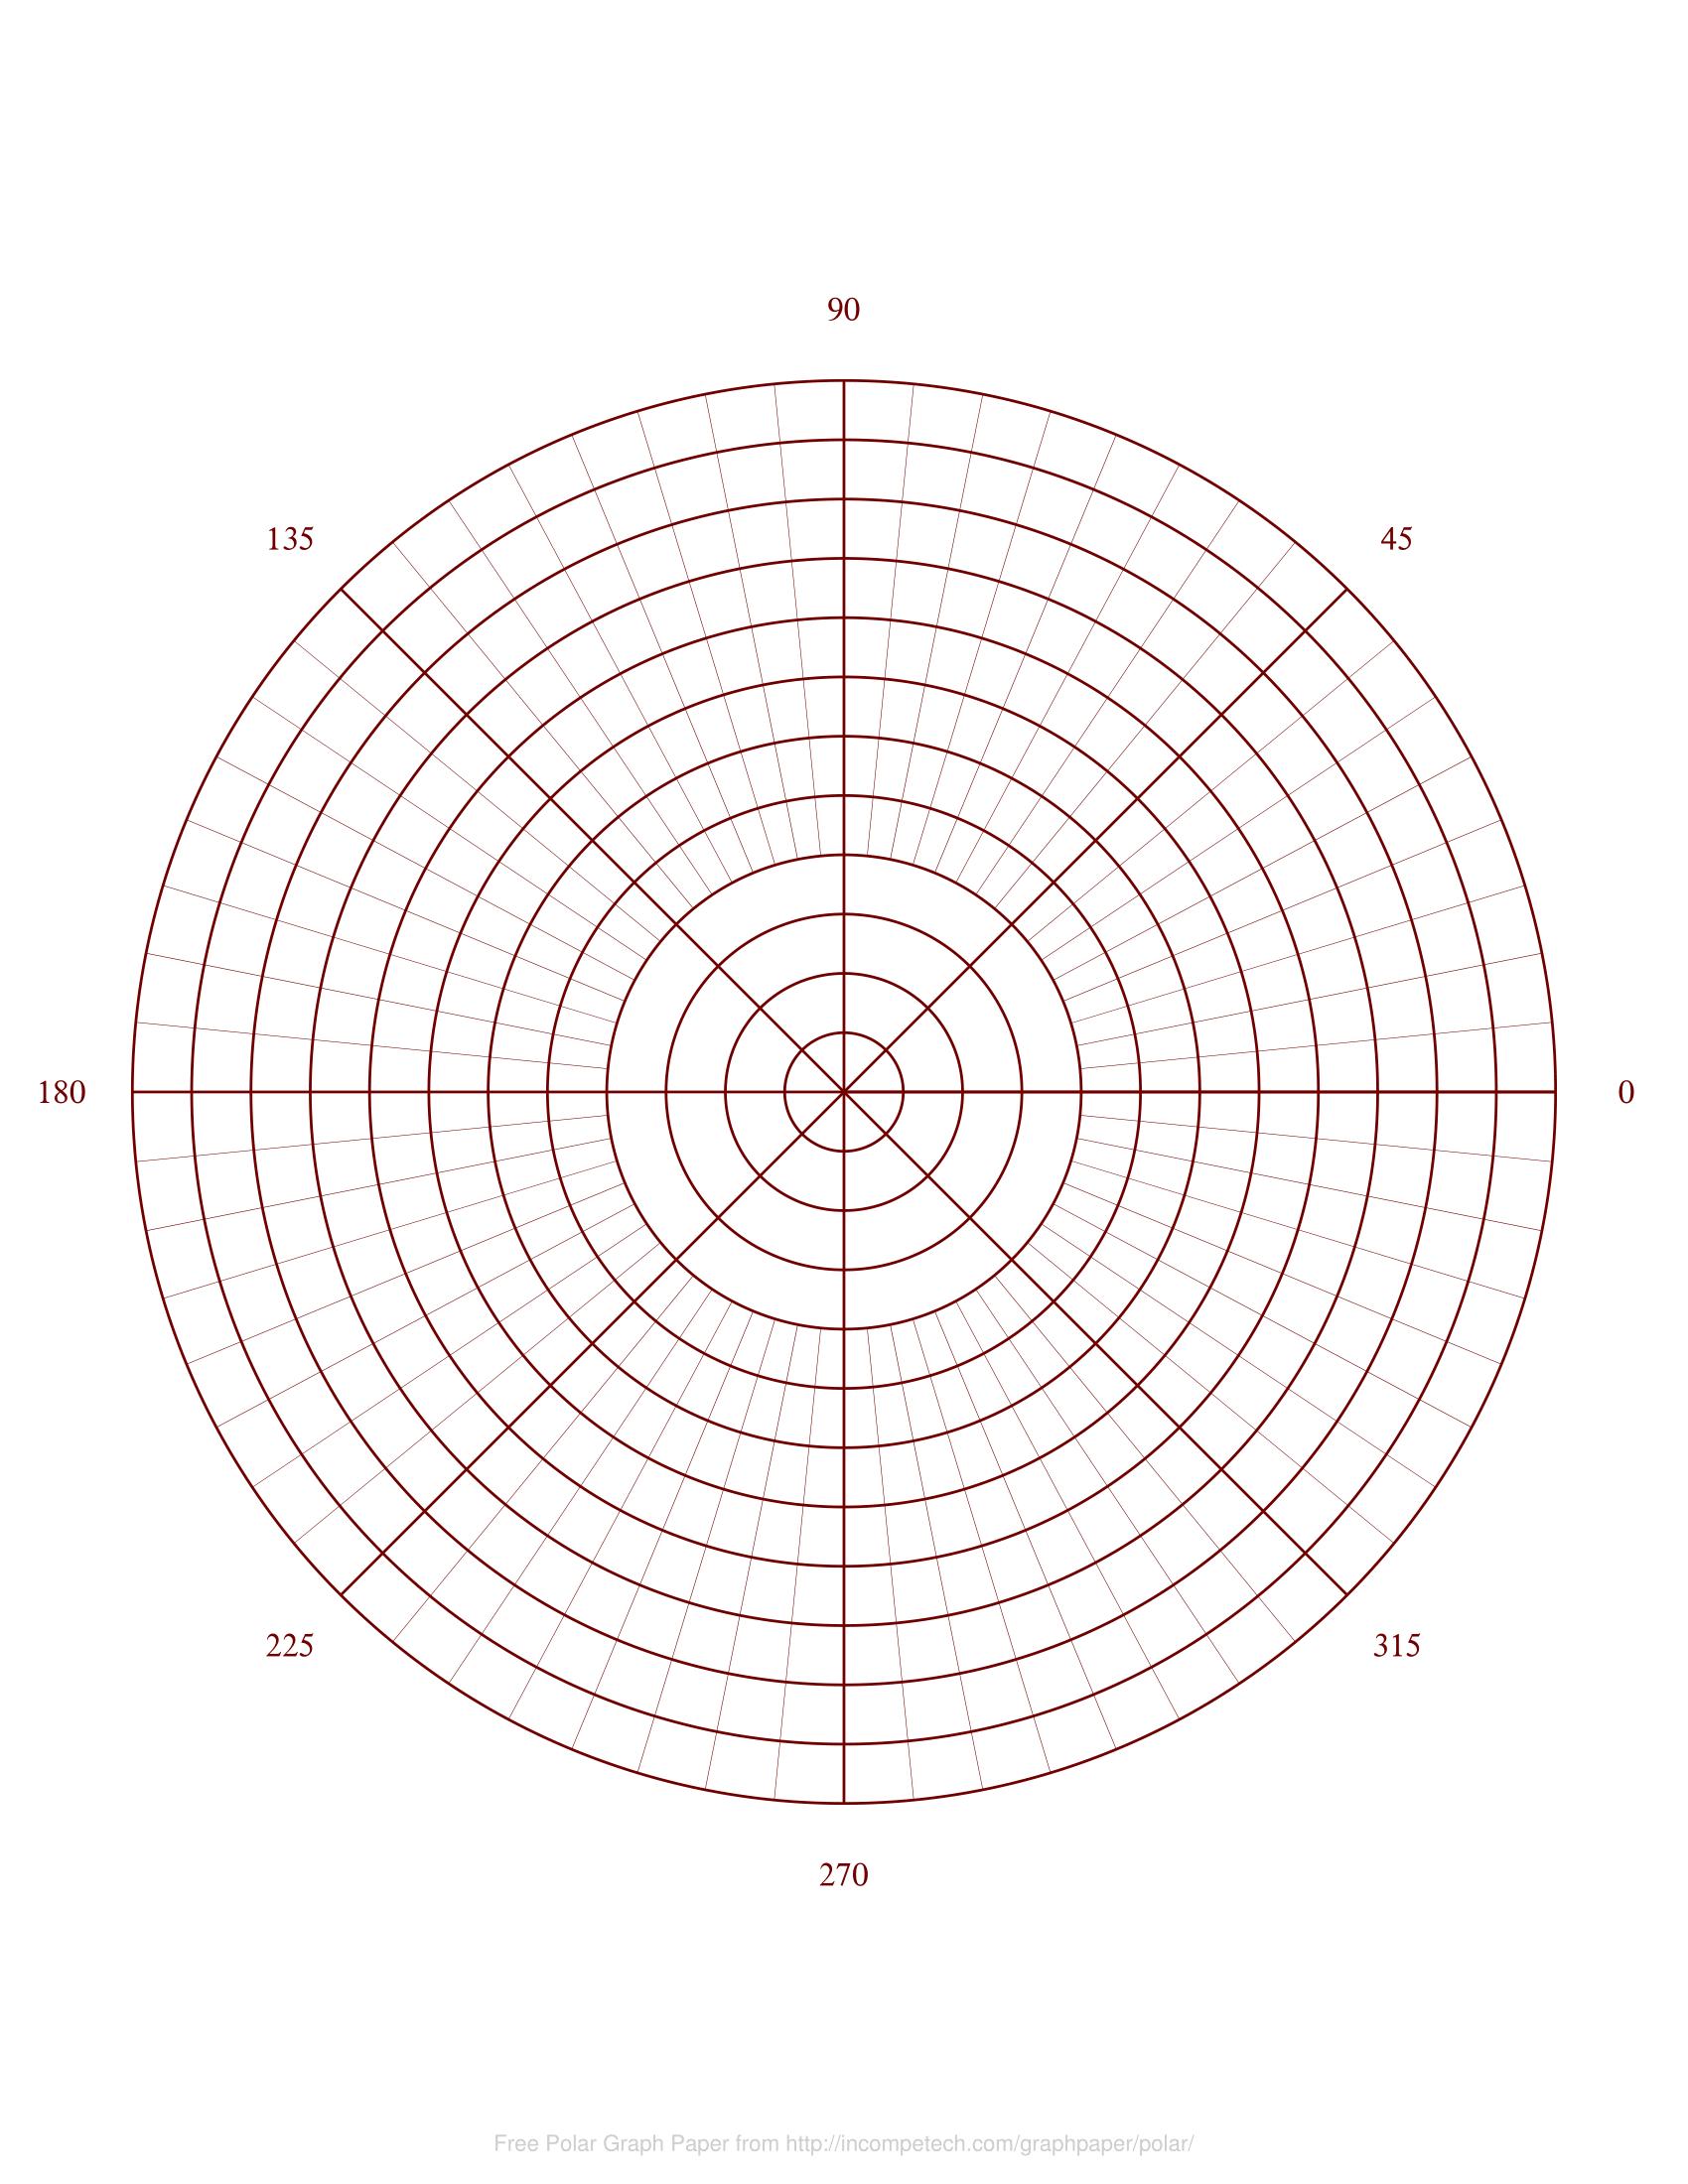 Free Online Graph Paper / Polar